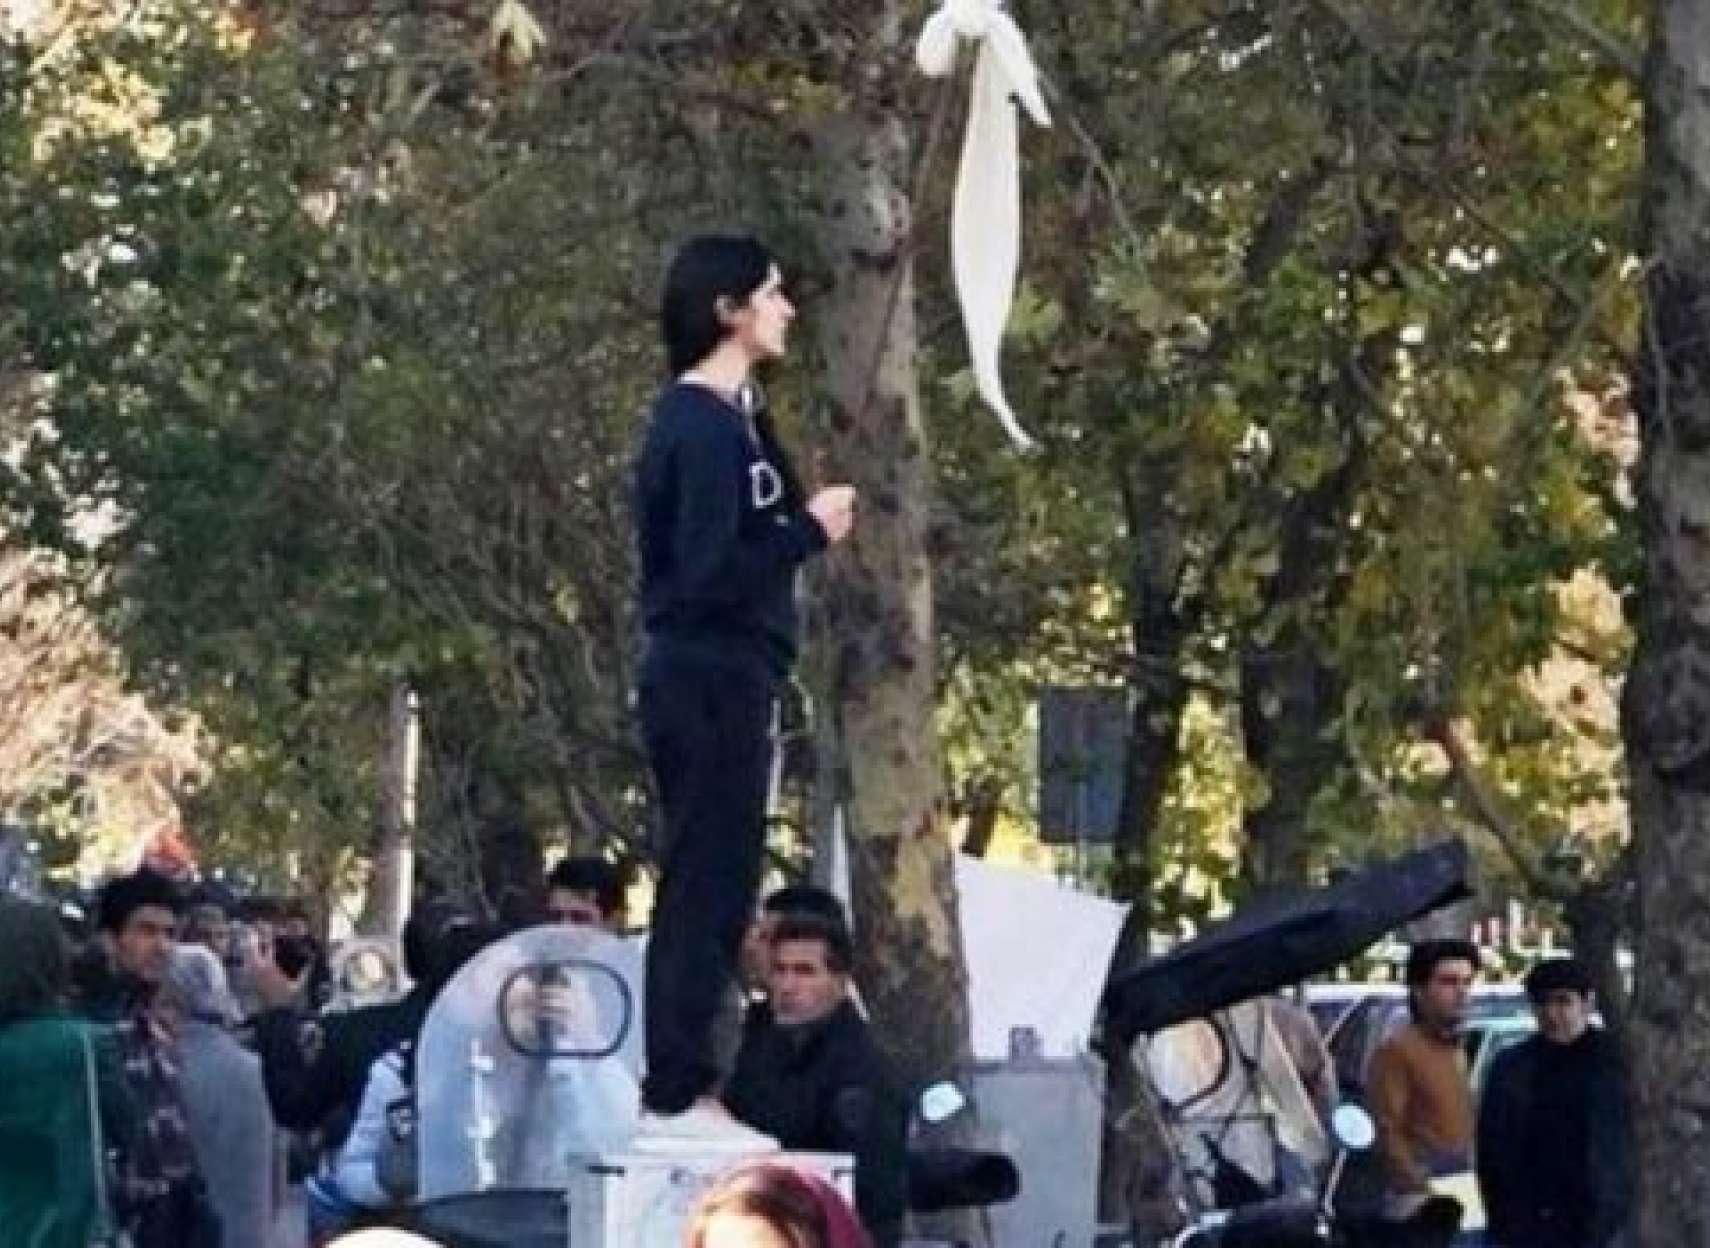 مچ-اندازی-جدید-جمهوری-اسلامی-با-زنان-مخالف-حجاب-اجباری-در-شبکه-های-اجتماعی